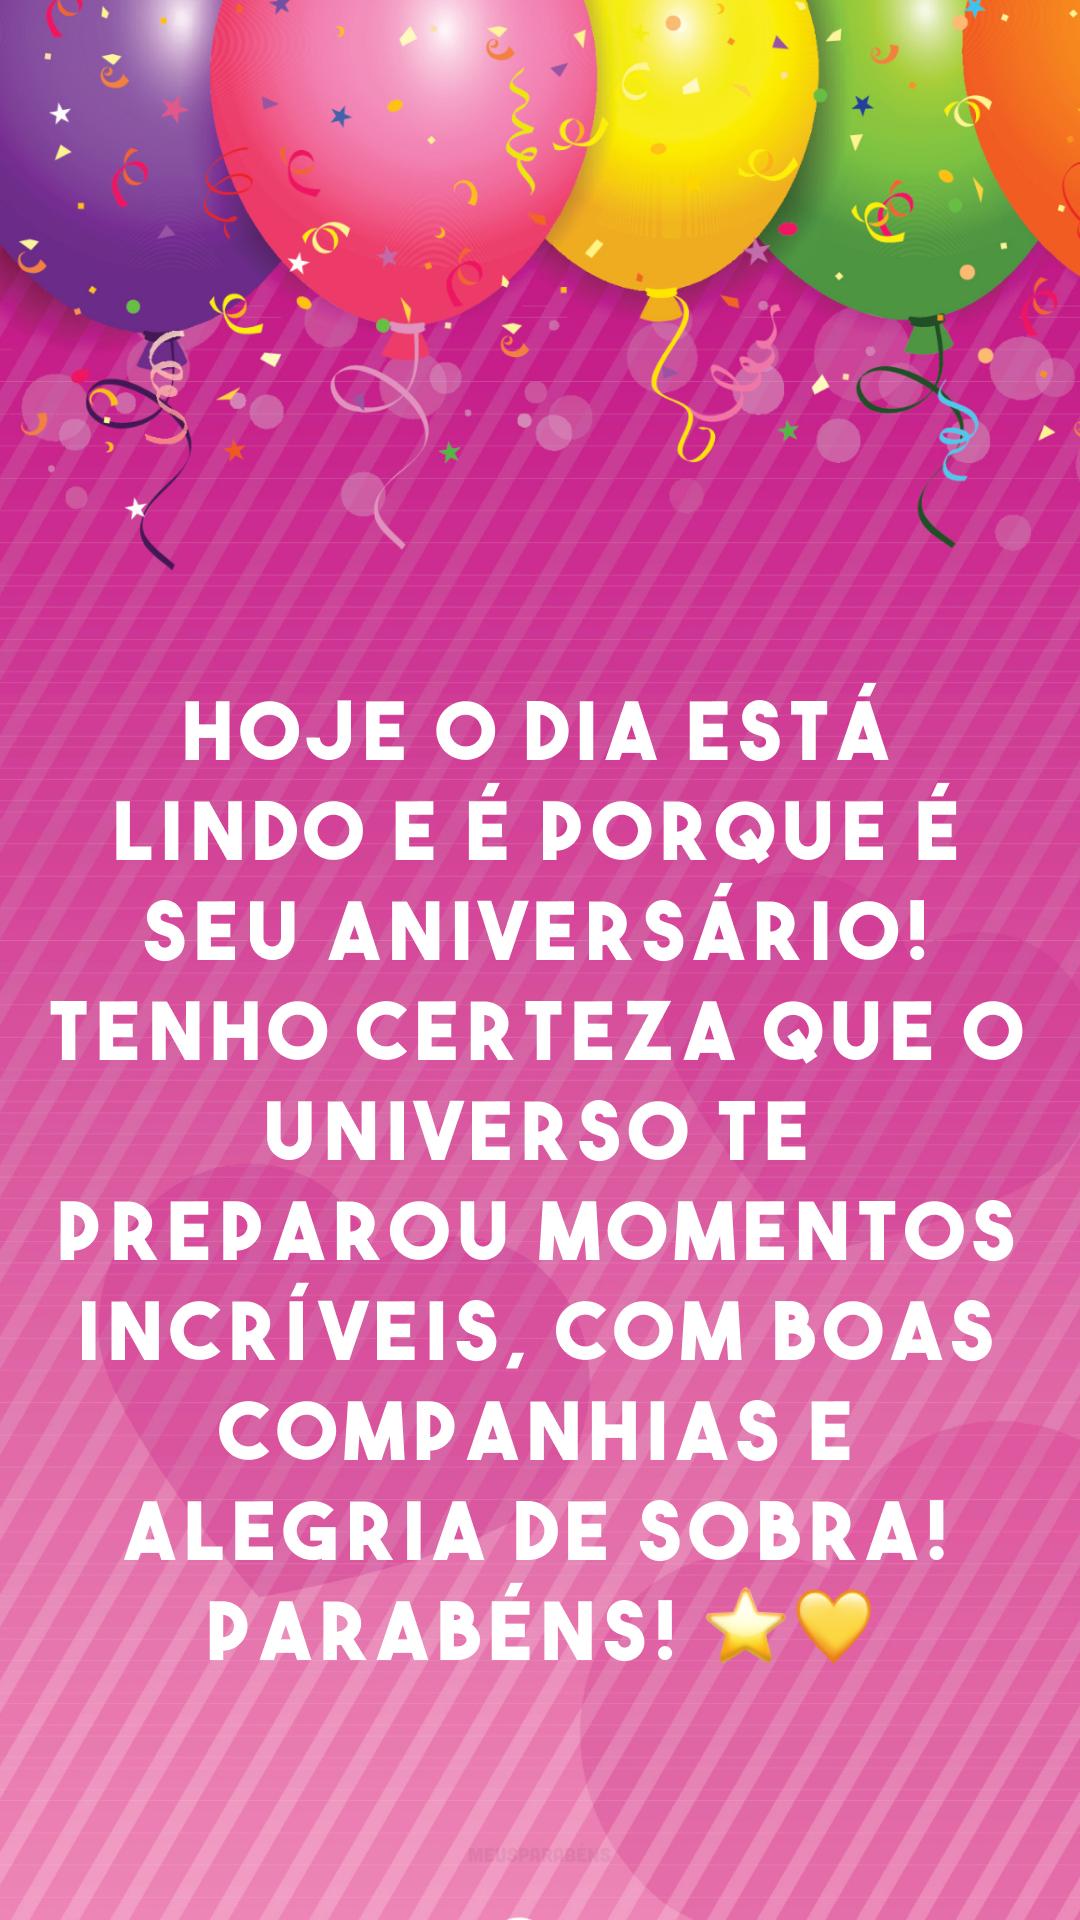 Hoje o dia está lindo e é porque é seu aniversário! Tenho certeza que o universo te preparou momentos incríveis, com boas companhias e alegria de sobra! Parabéns! ⭐💛